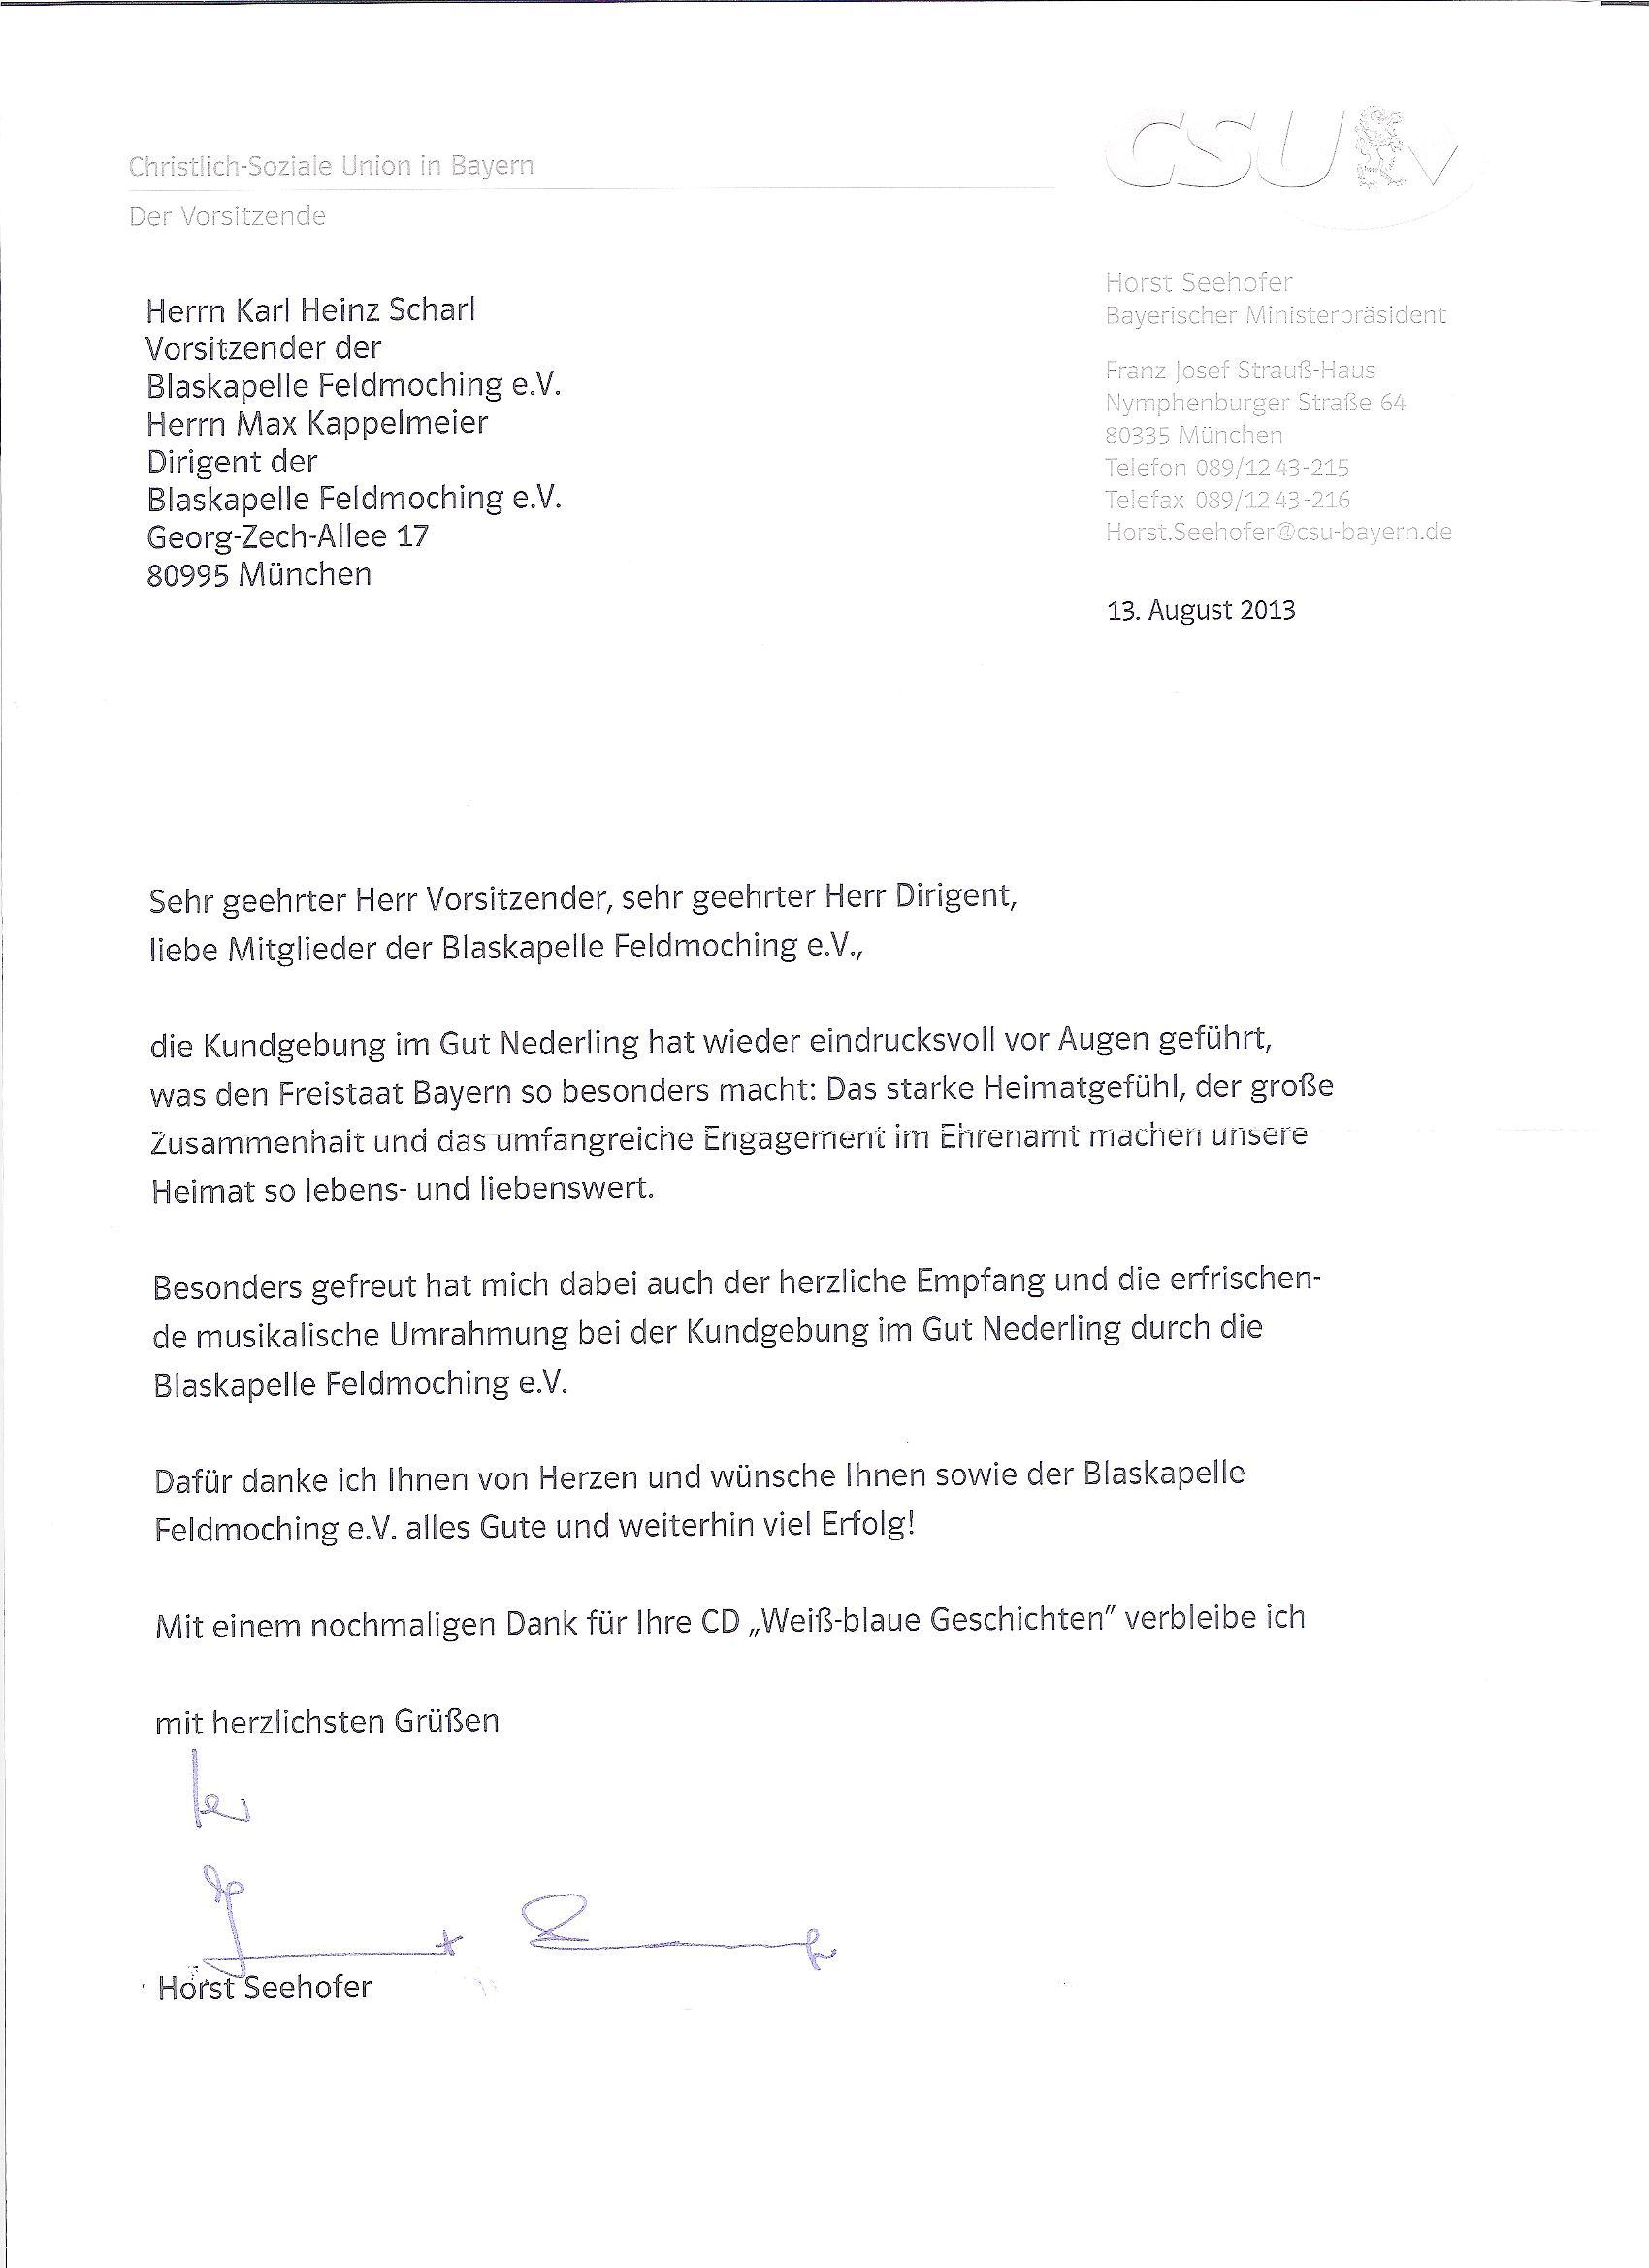 Dankesschreiben von Ministerpräsident Horst Seehofer